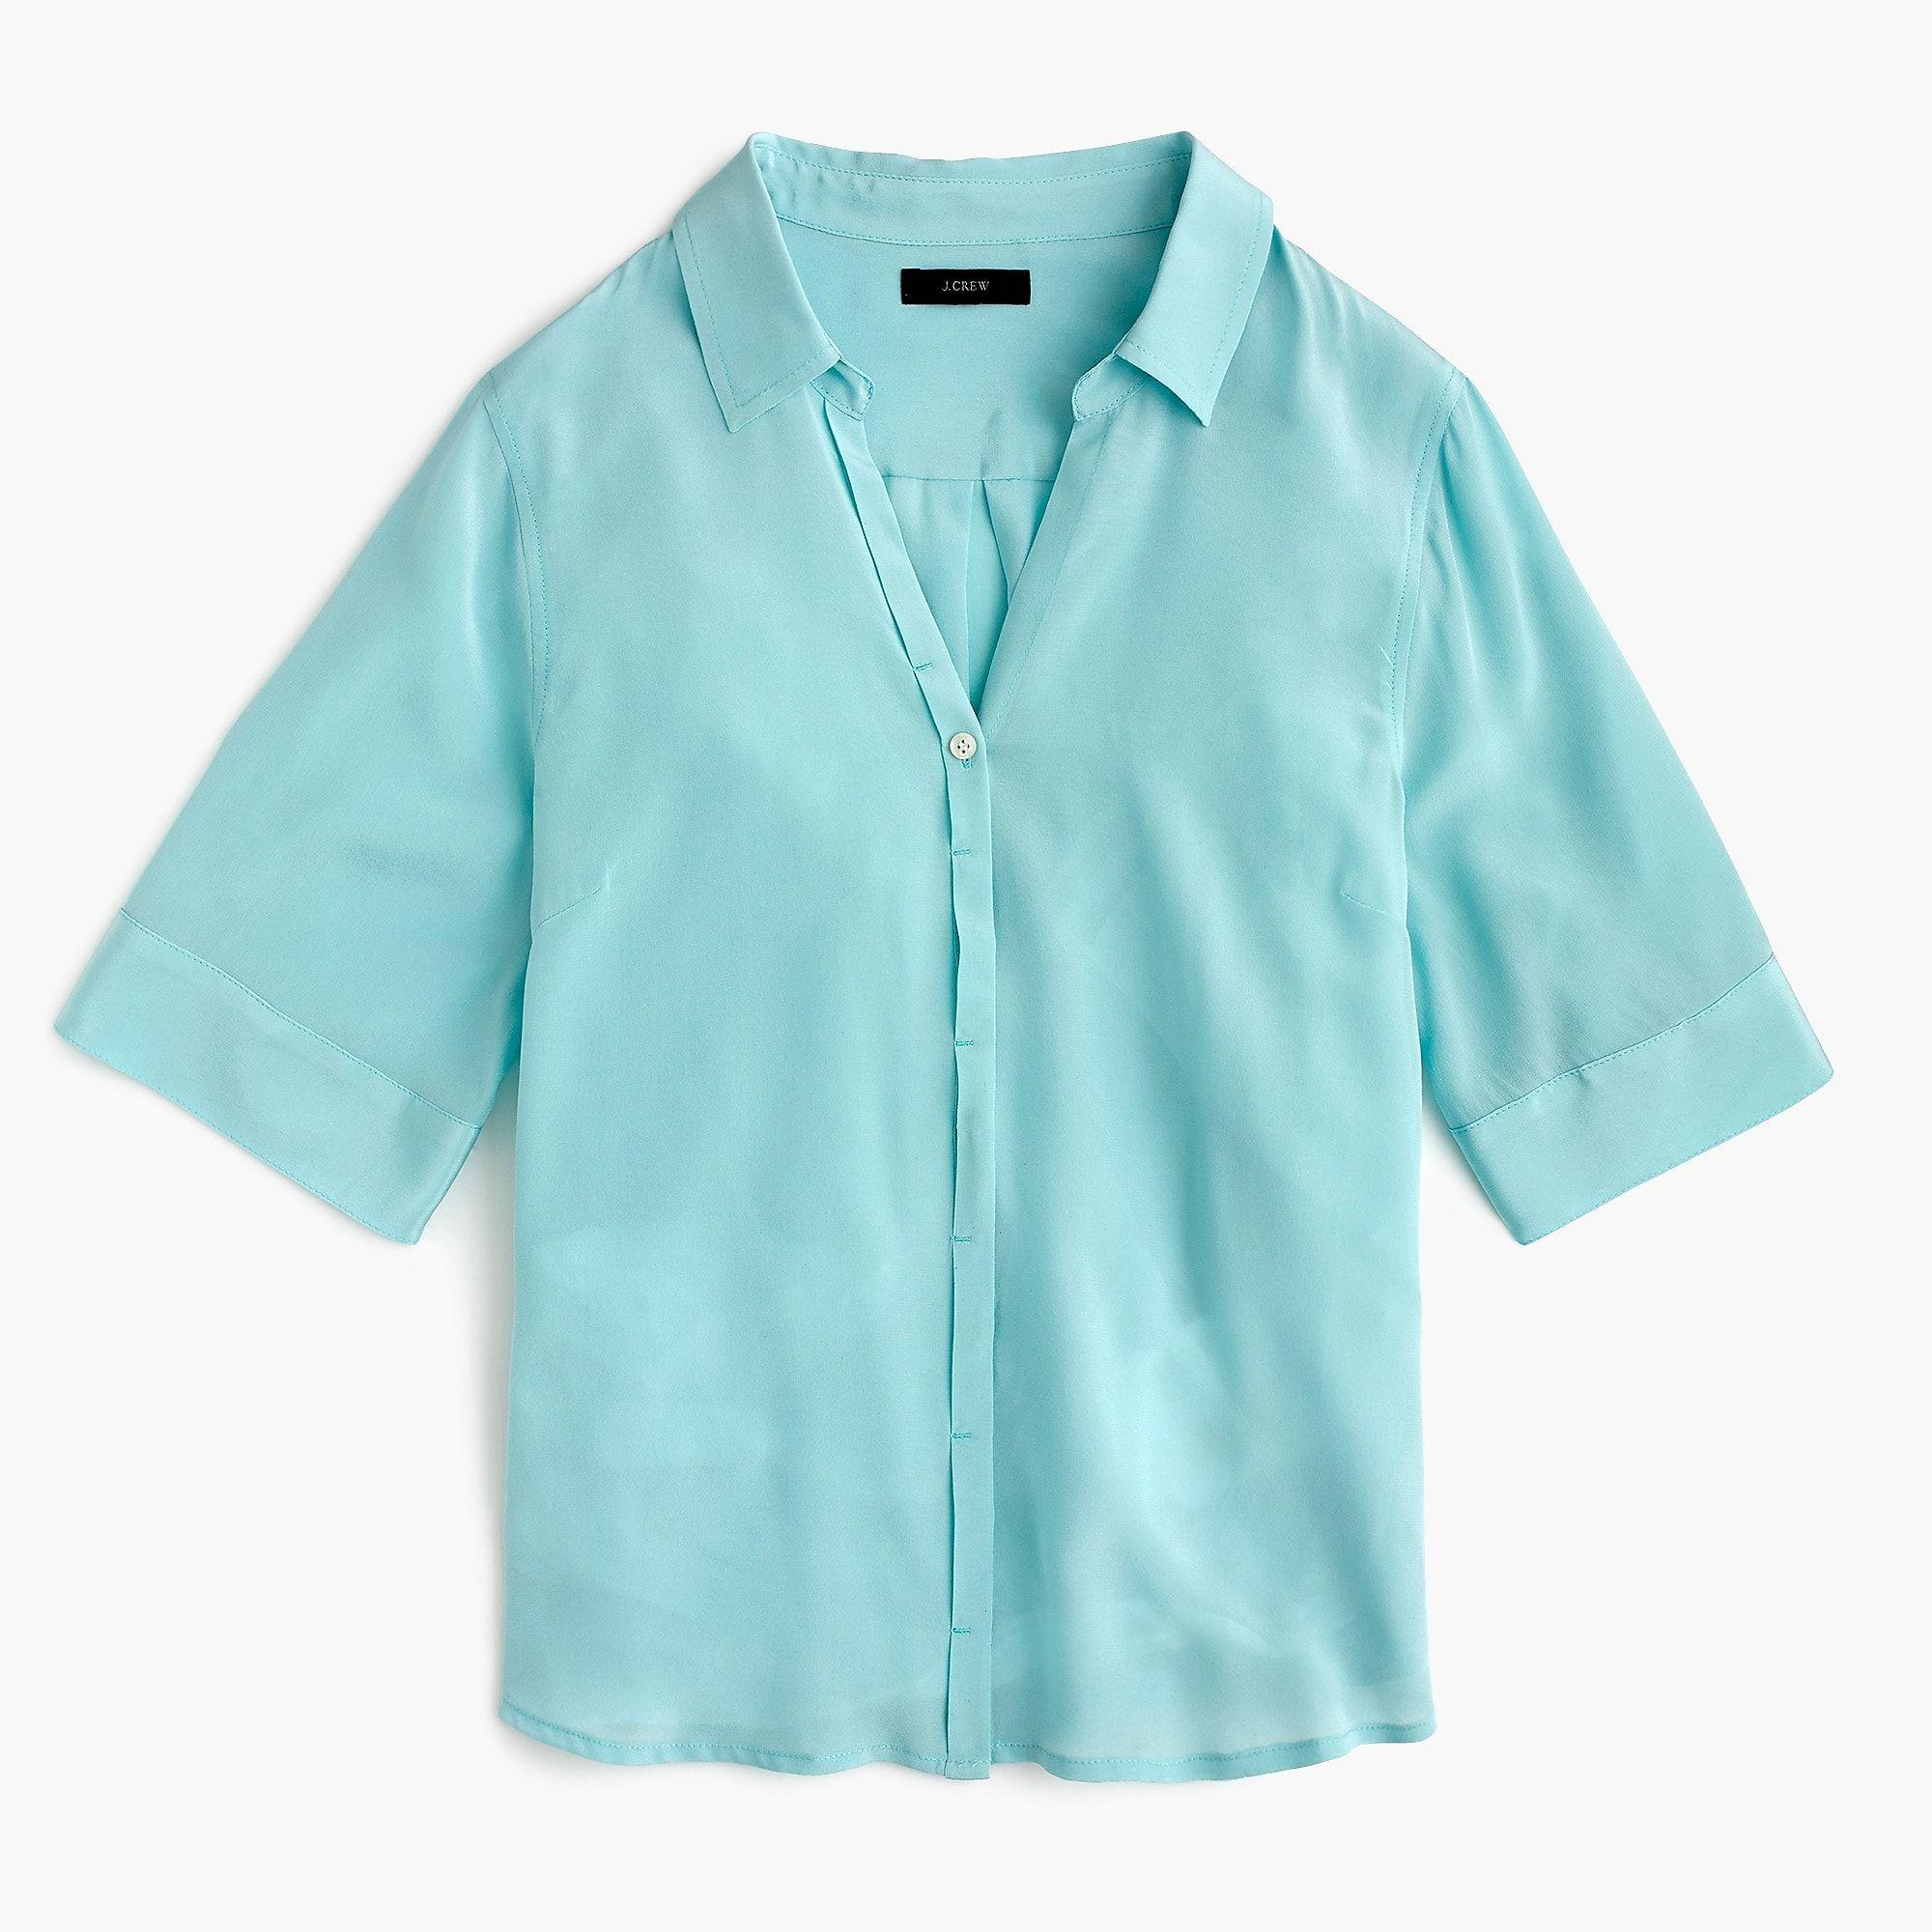 b61abb82356ad3 Women's Short-Sleeve Button-Up Shirt In Silk - Women's Shirts | J.Crew